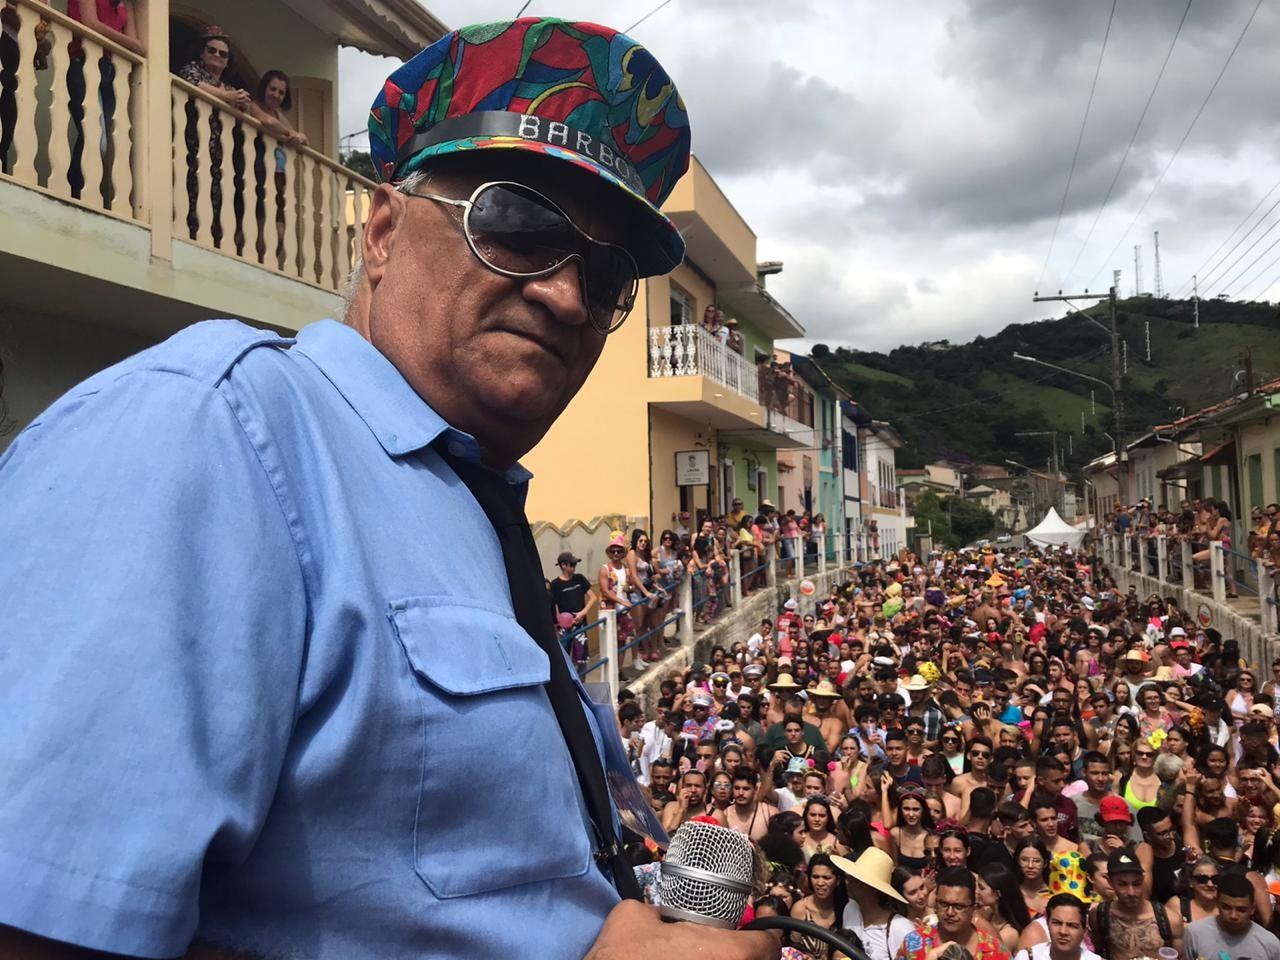 Bloco do Barbosa arrasta multidão pelas ruas de São Luiz do Paraitinga